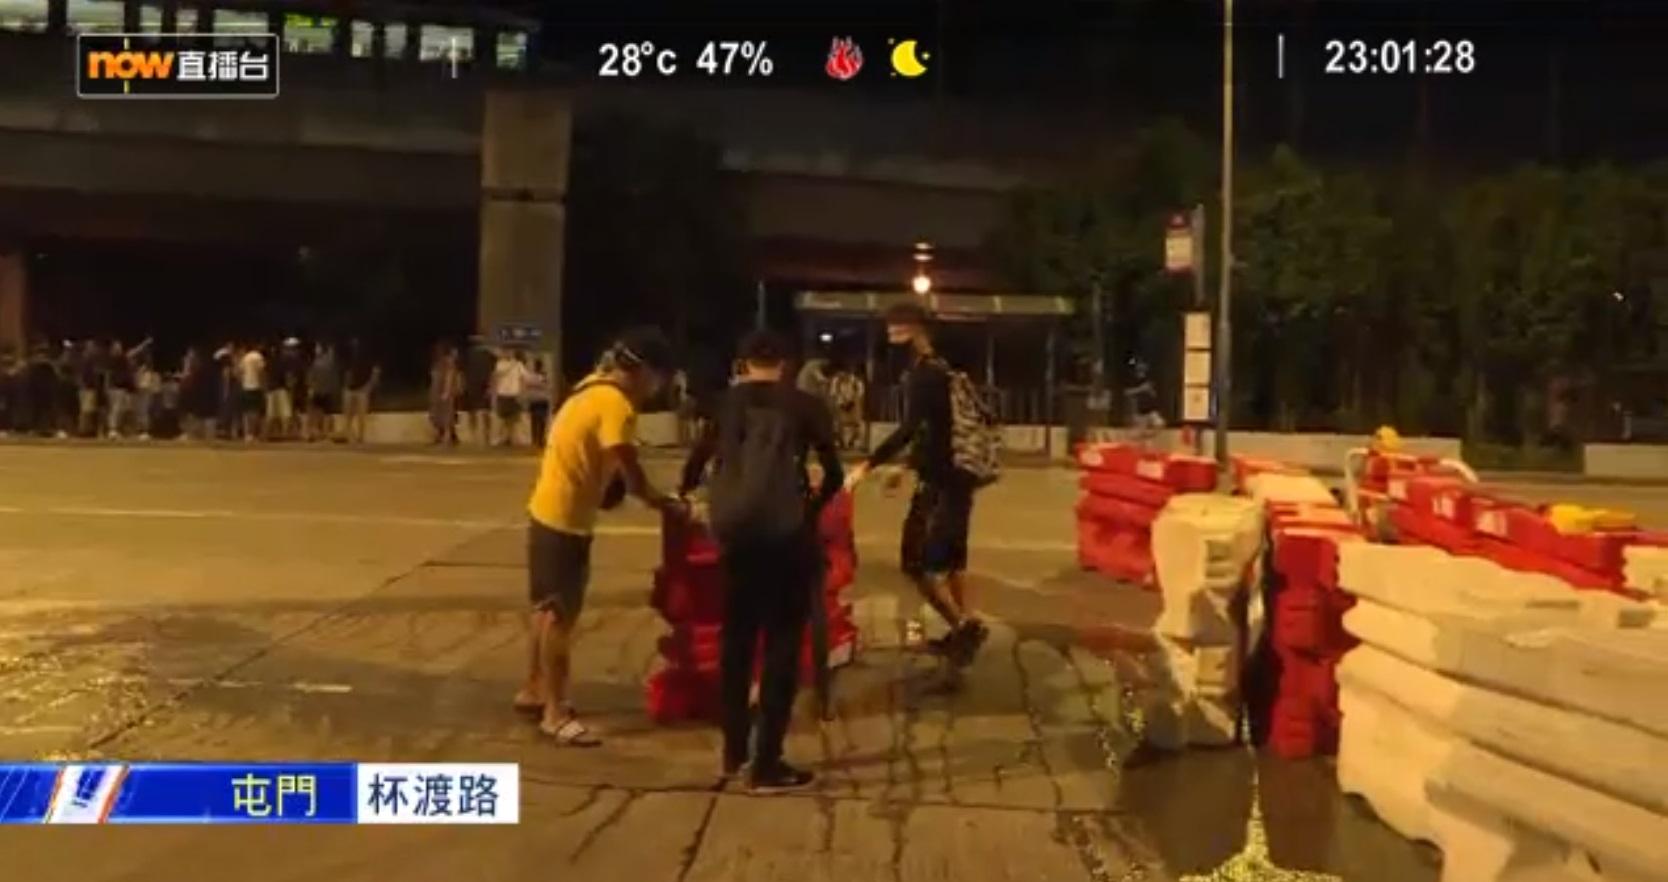 示威者堵塞馬路。NOWTV截圖